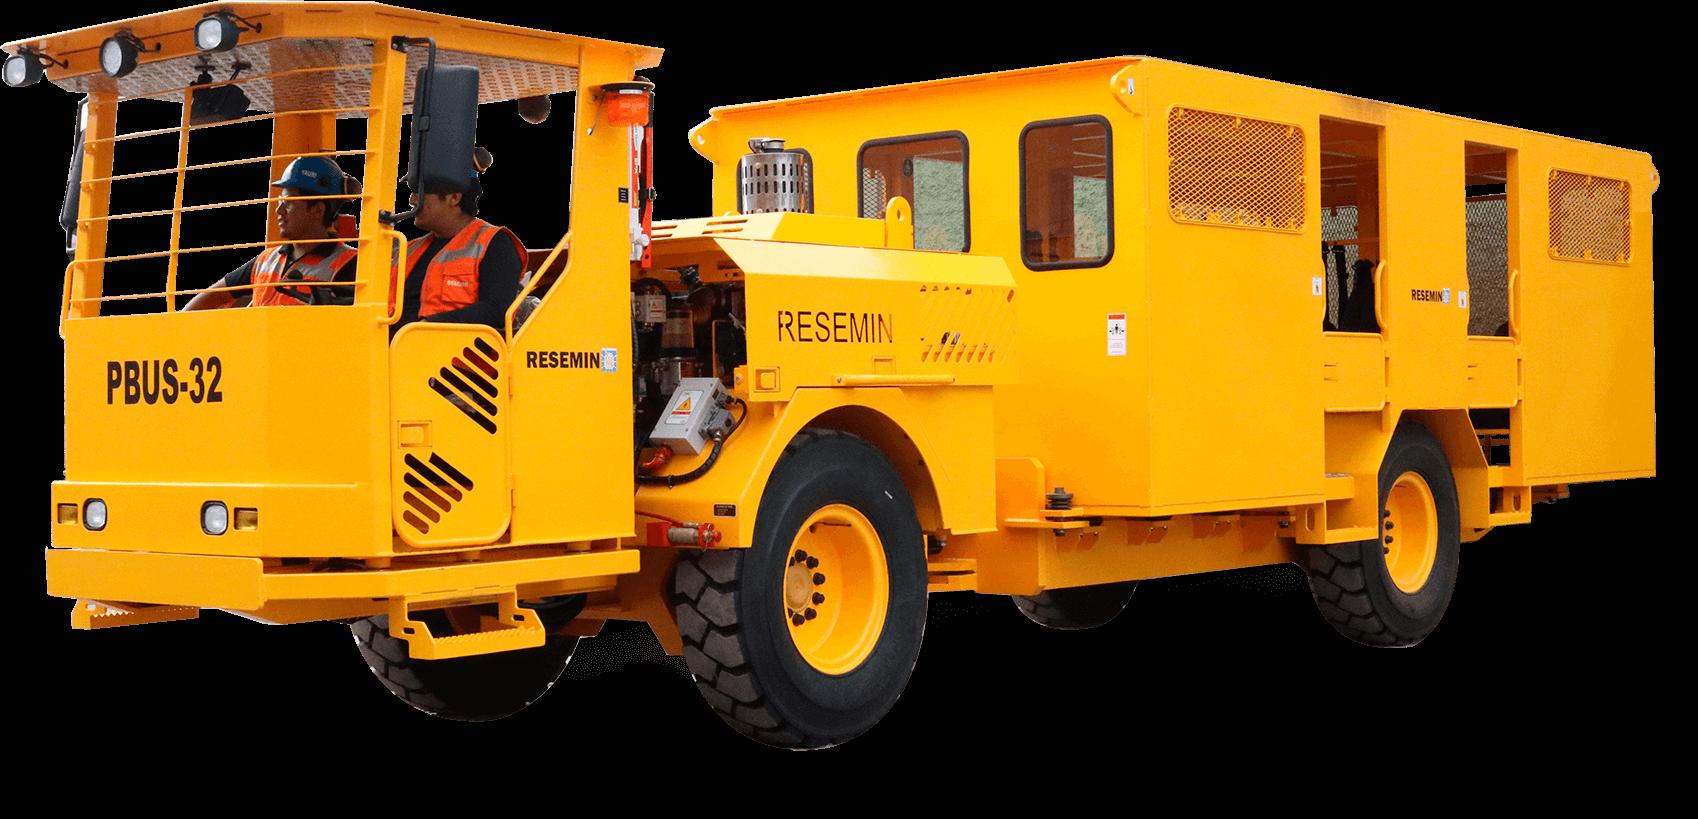 pbus-32